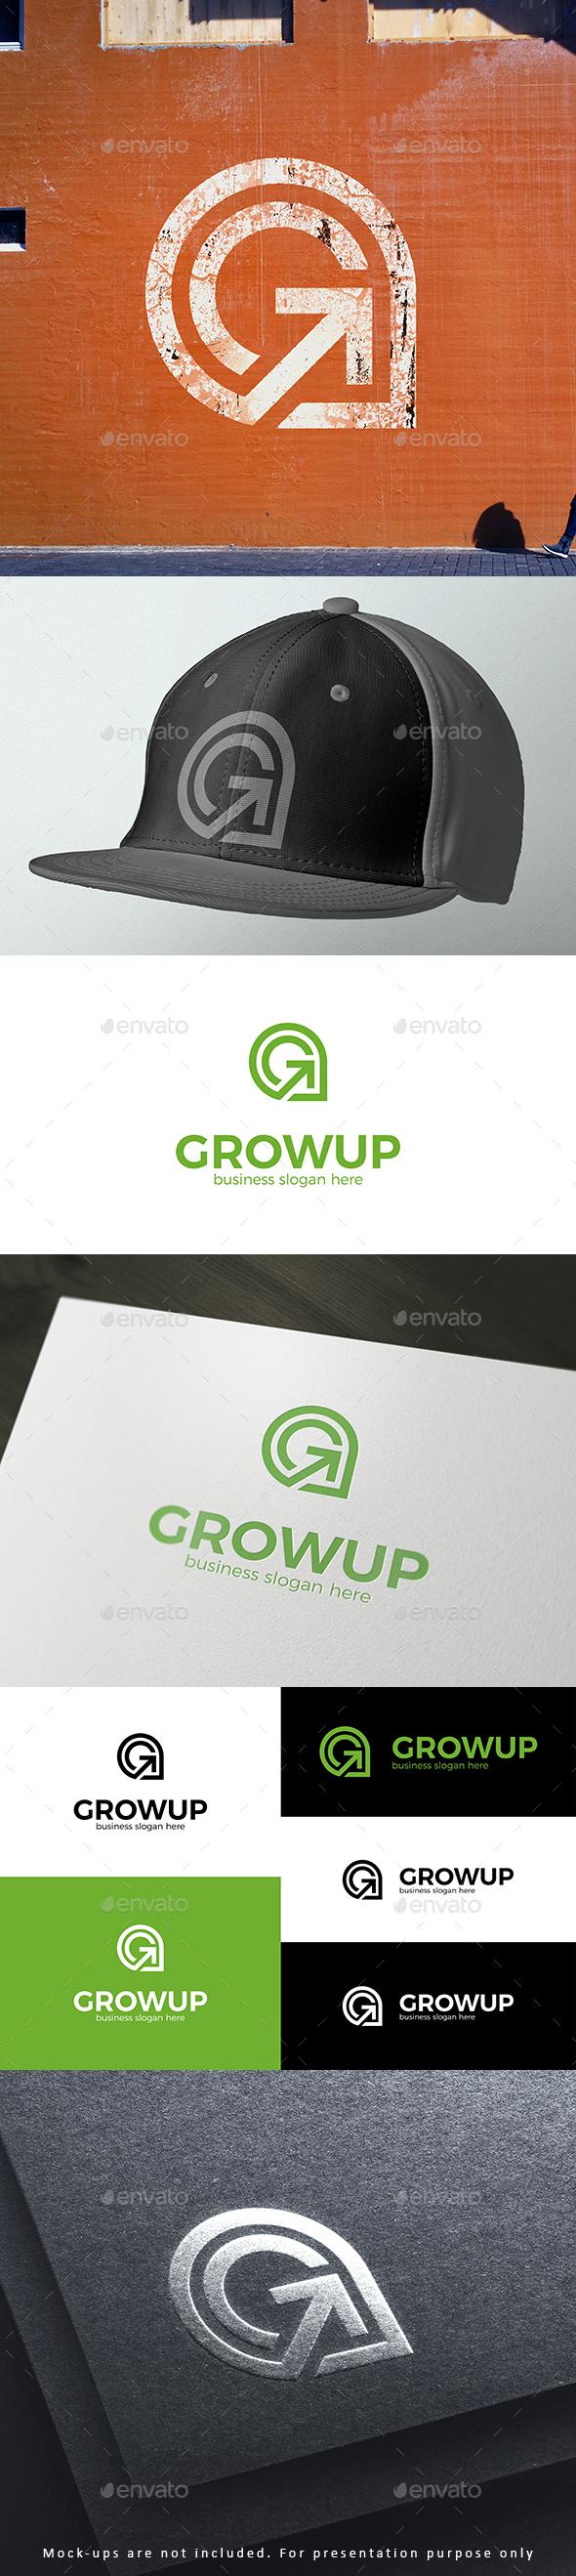 Arrow Up Grow Symbol Logo